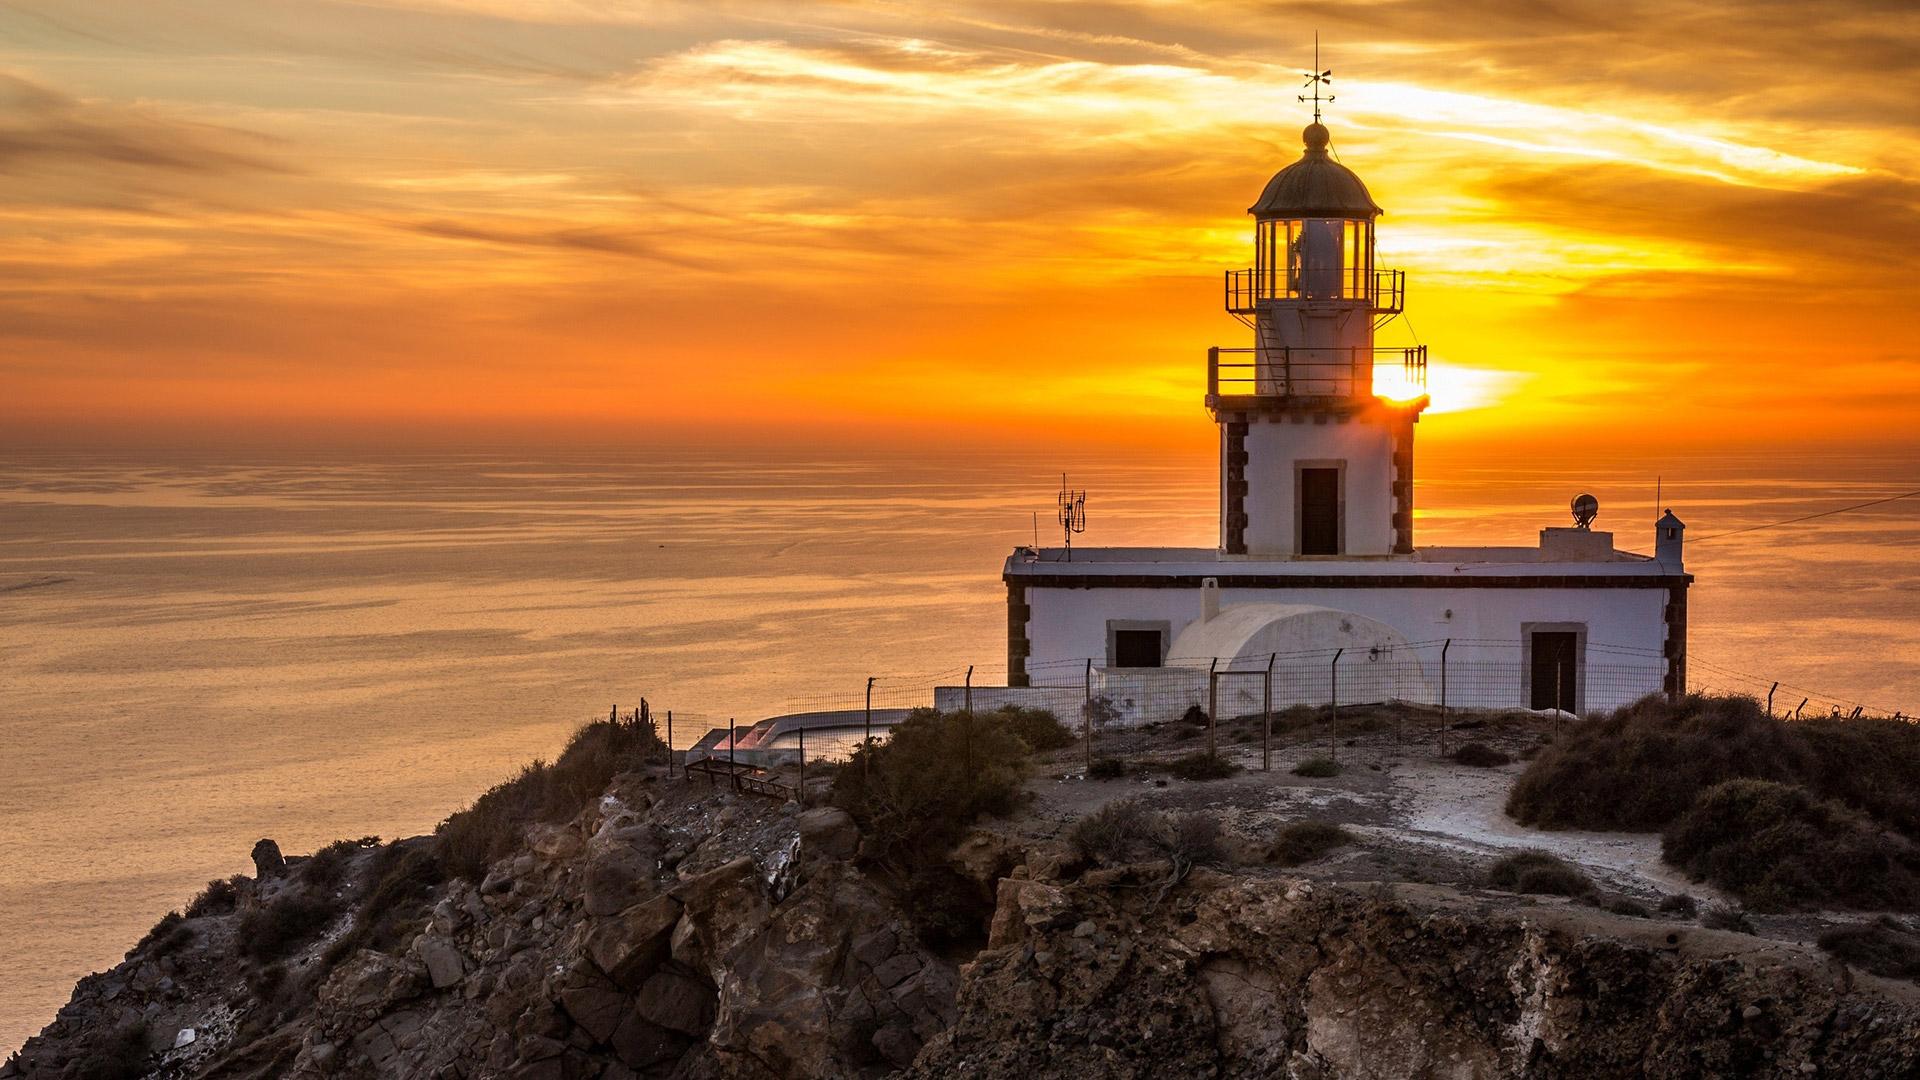 Armenistis Lighthouse Visit at Mykonos